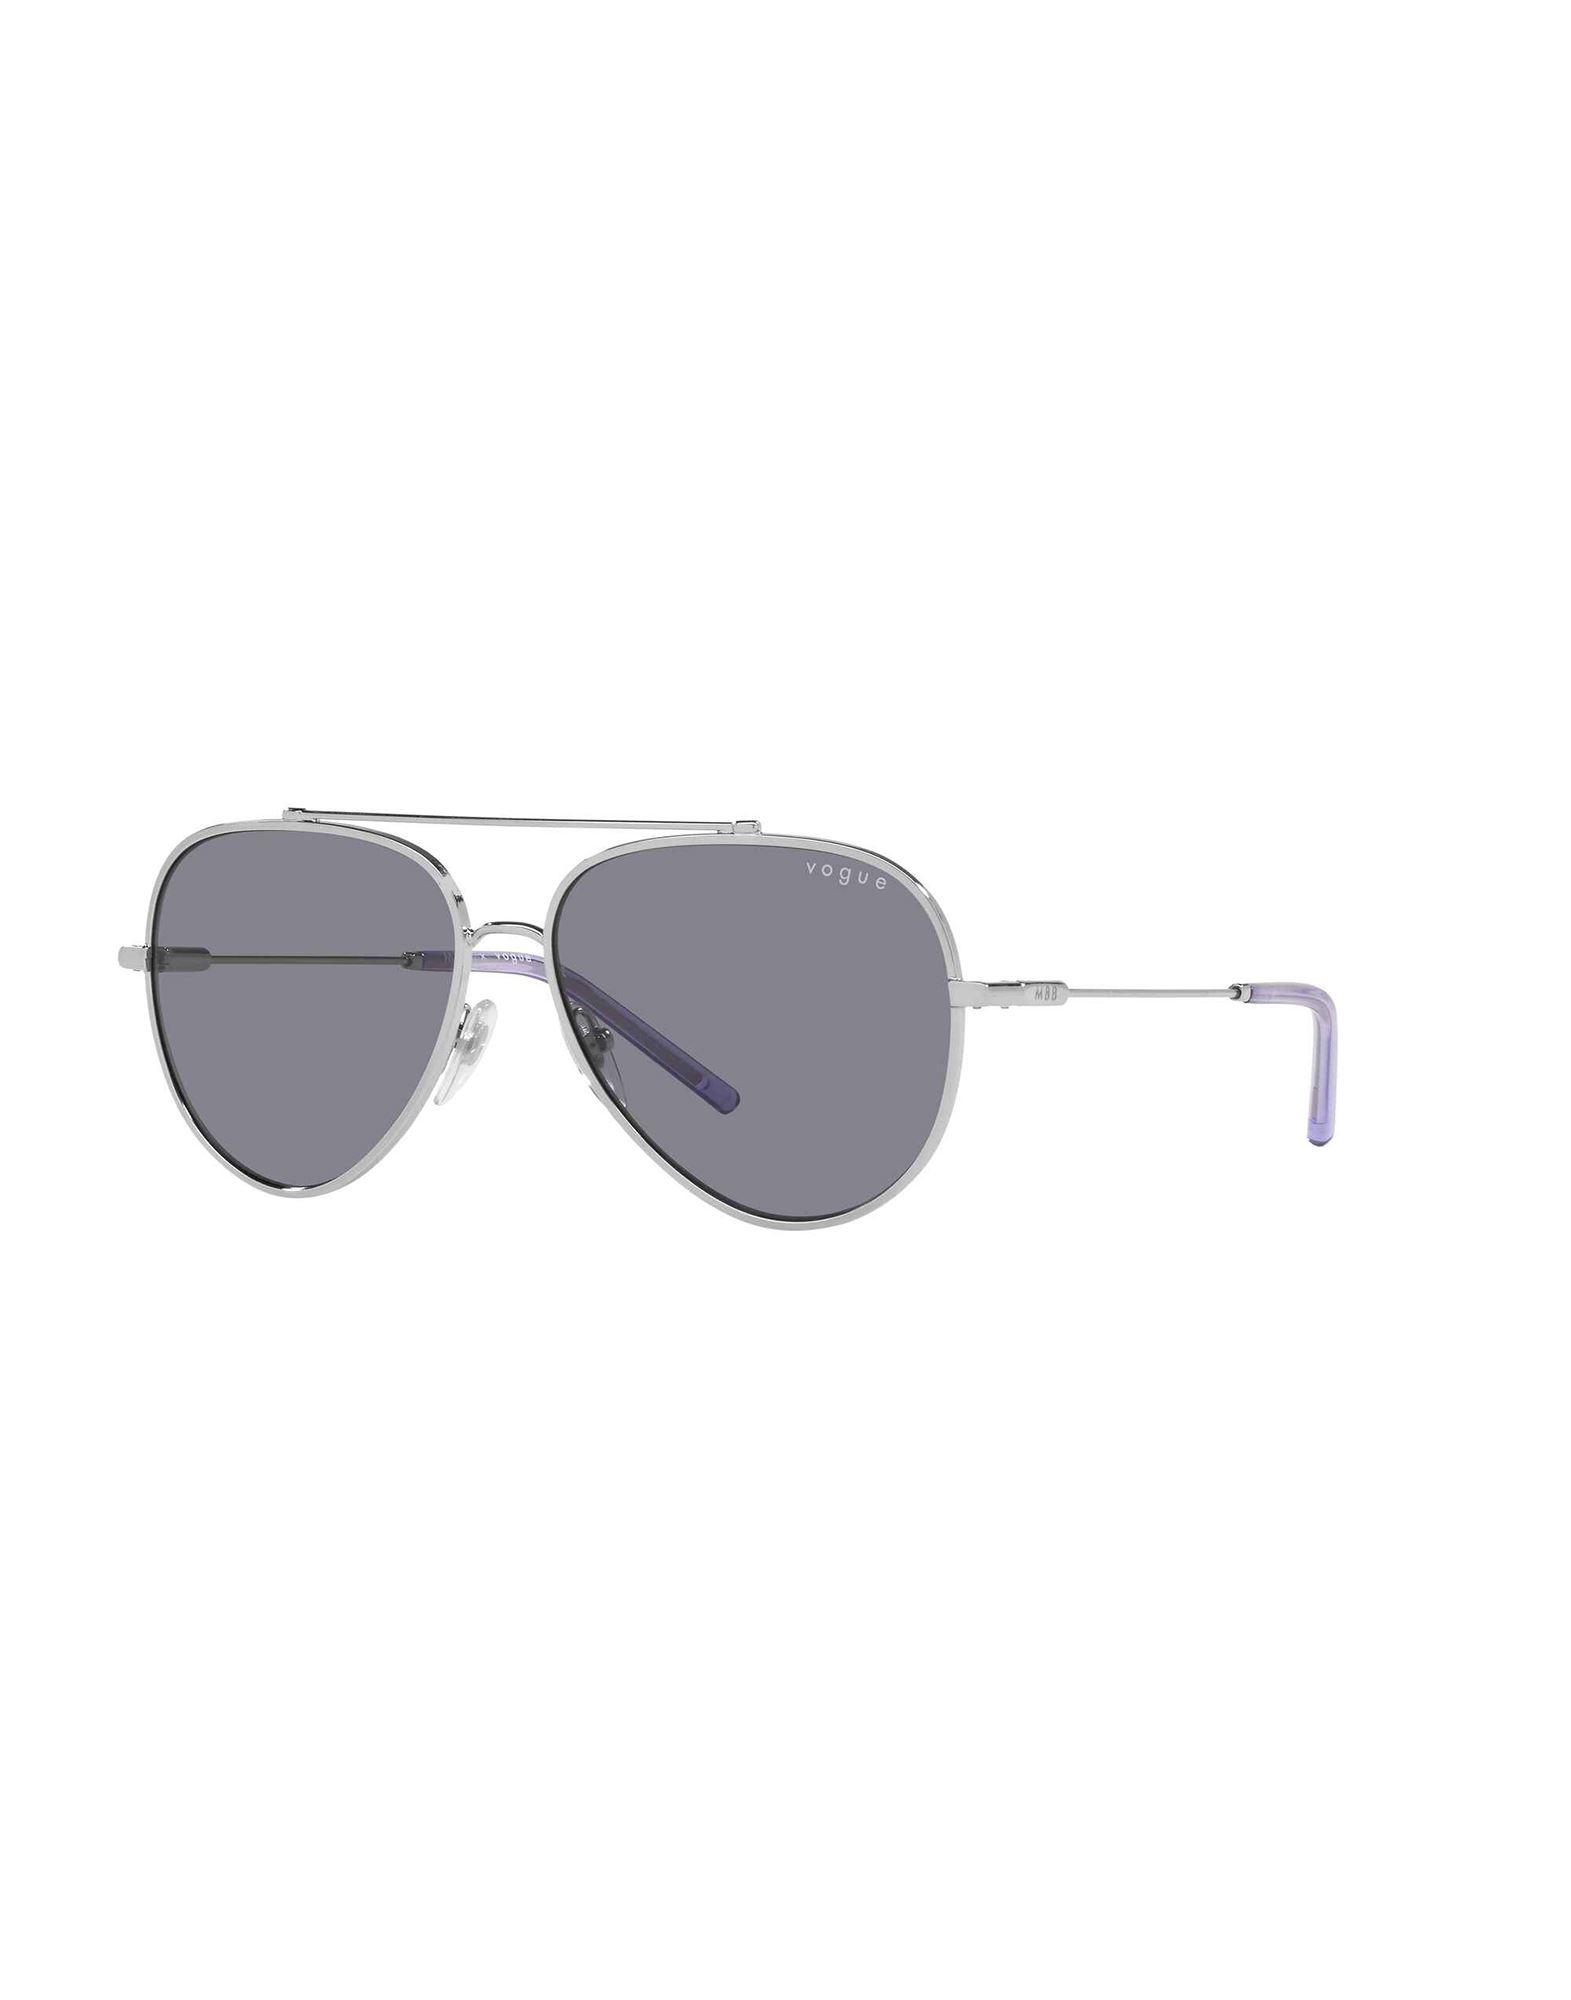 MBB x VOGUE Солнечные очки vogue солнечные очки